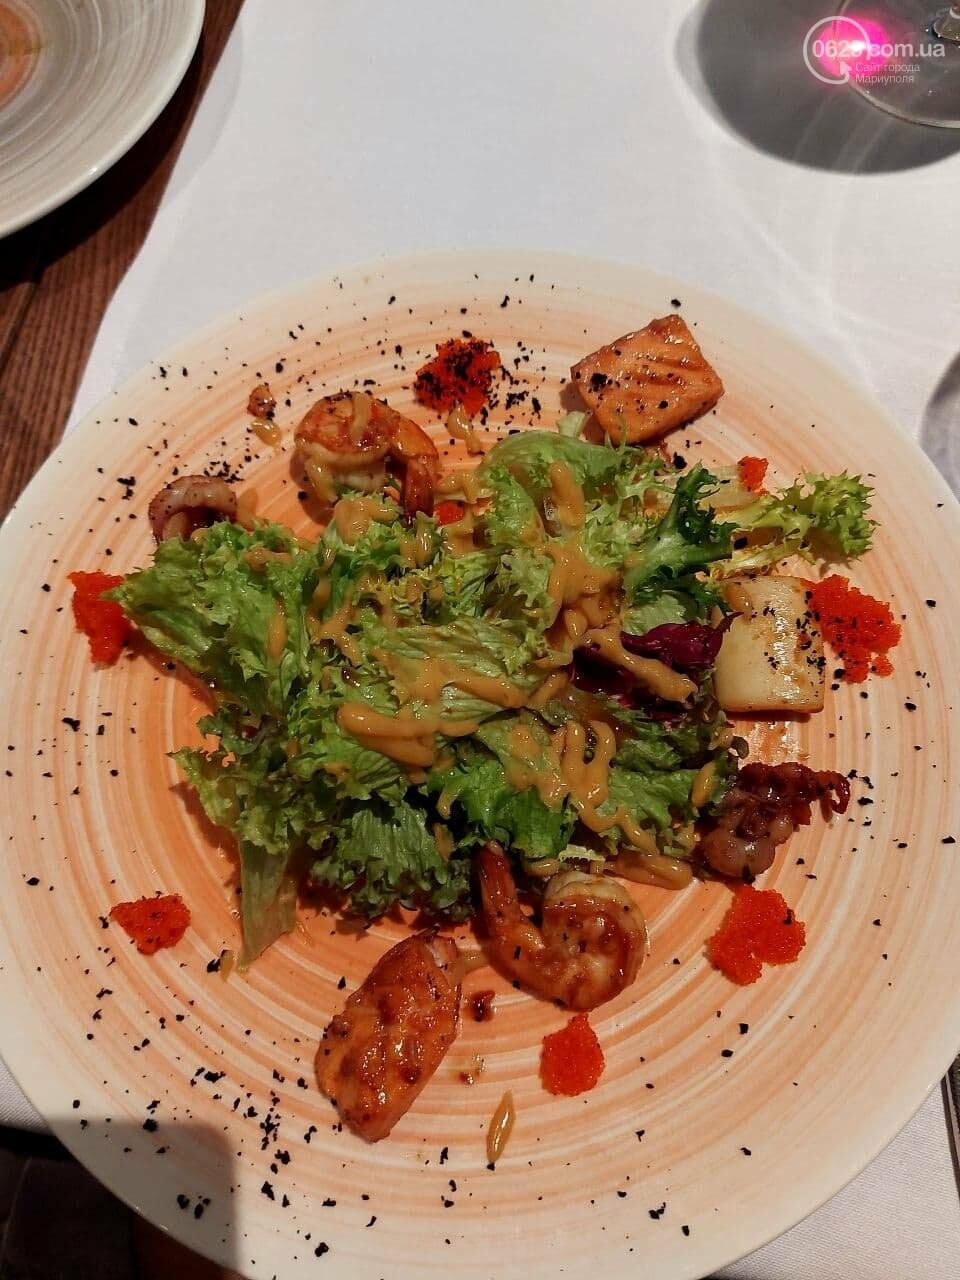 """Ревизия нового ресторана в Мариуполе.  """"Amadeus"""" претендует на заведение гастрономических впечатлений, - ФОТО, фото-1"""